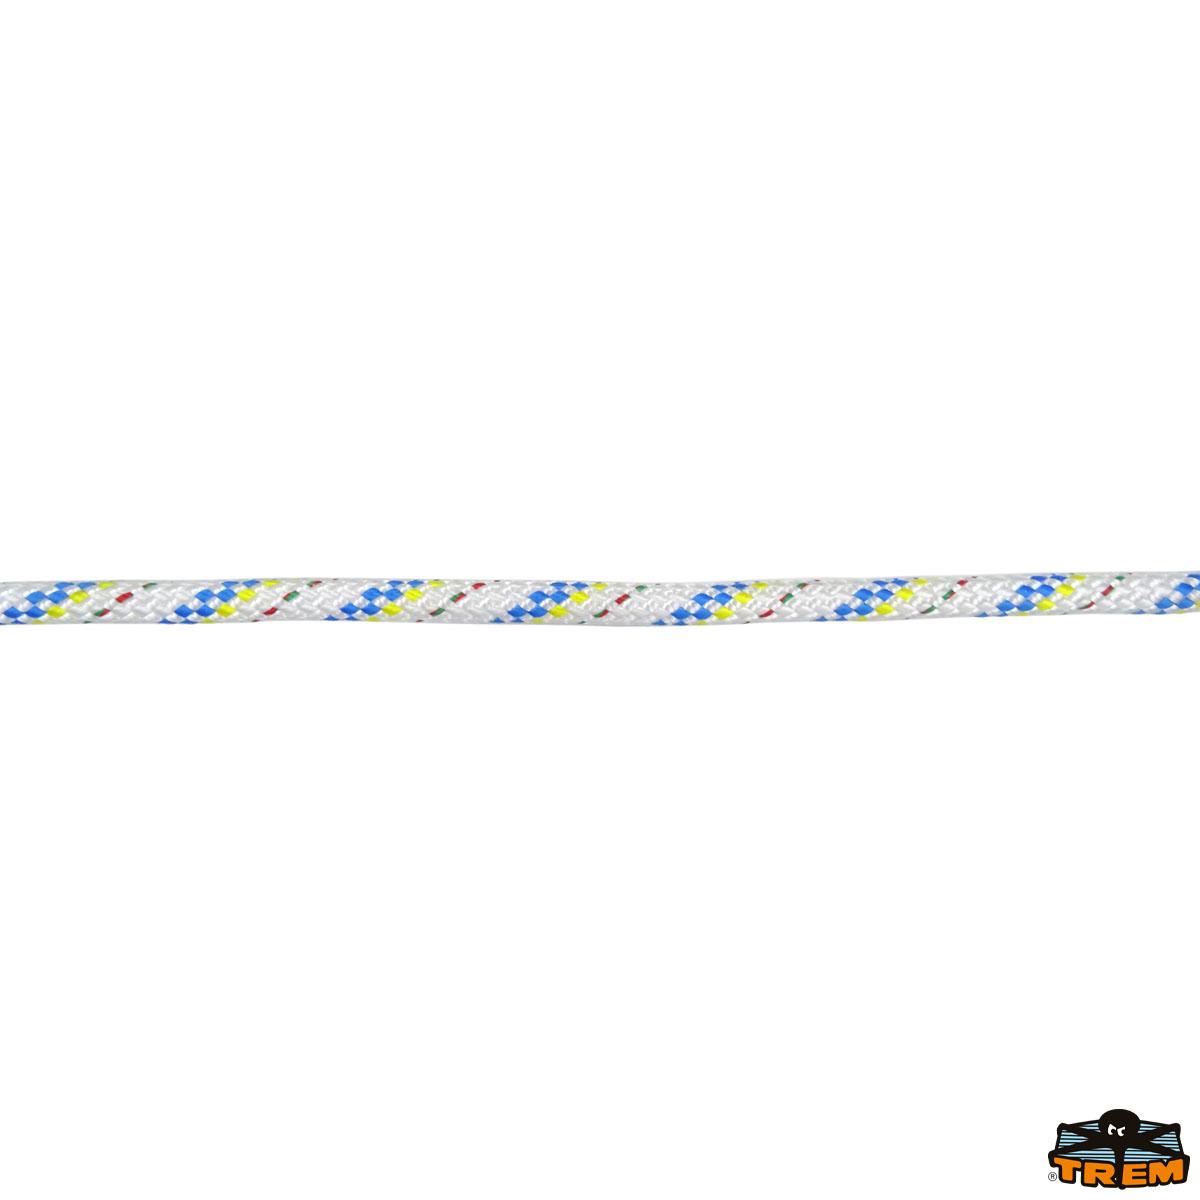 039-cruise-039-pes-blu-giallo